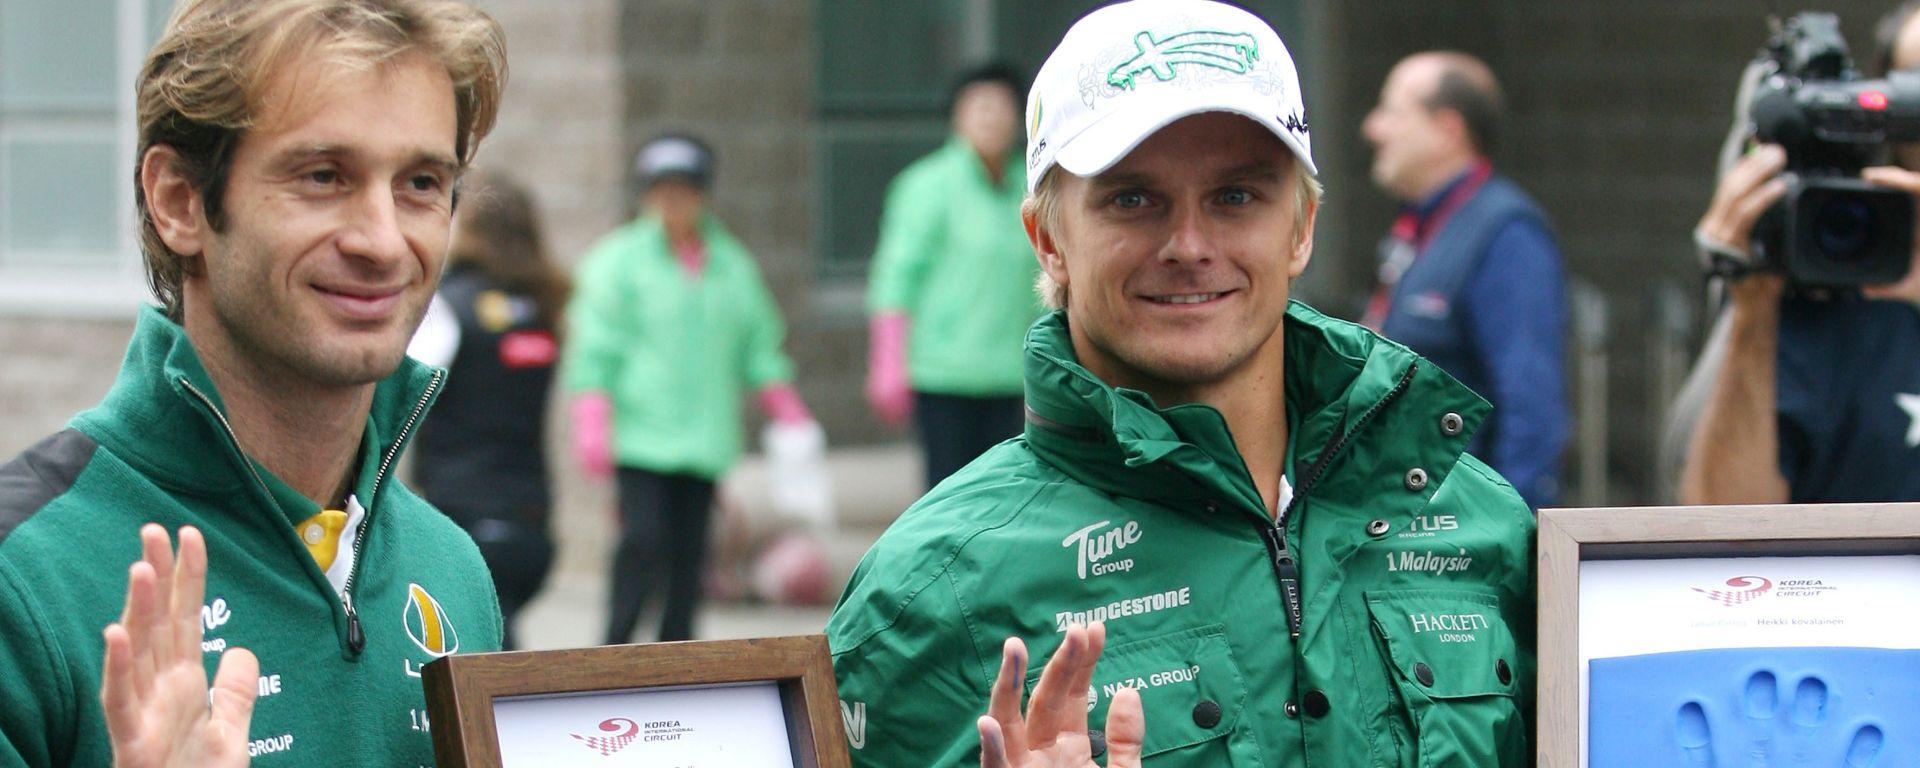 F1 2010: Jarno Trulli e Heikki Kovalainen ai tempi della Caterham